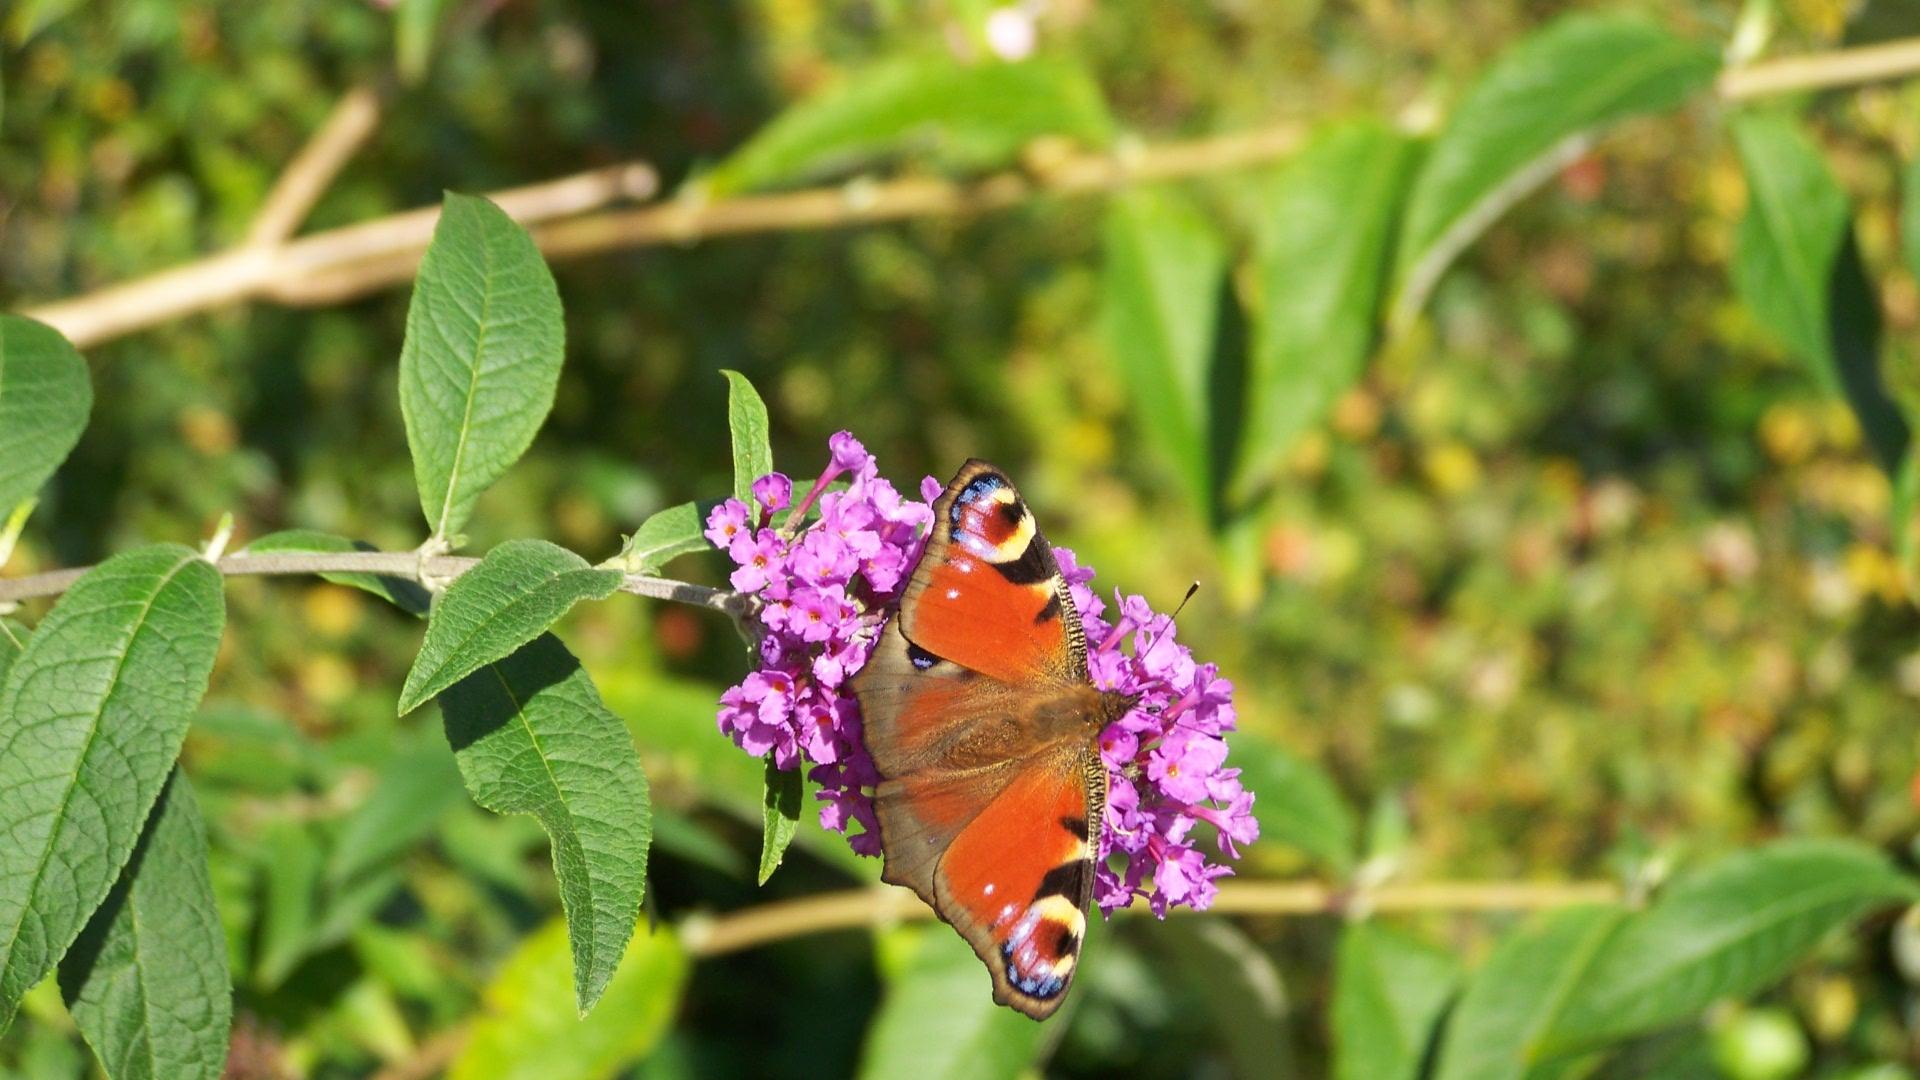 Tagpfauenauge auf Schmetterlingsflieder / le papillon (paon) sur les papilllon lilas